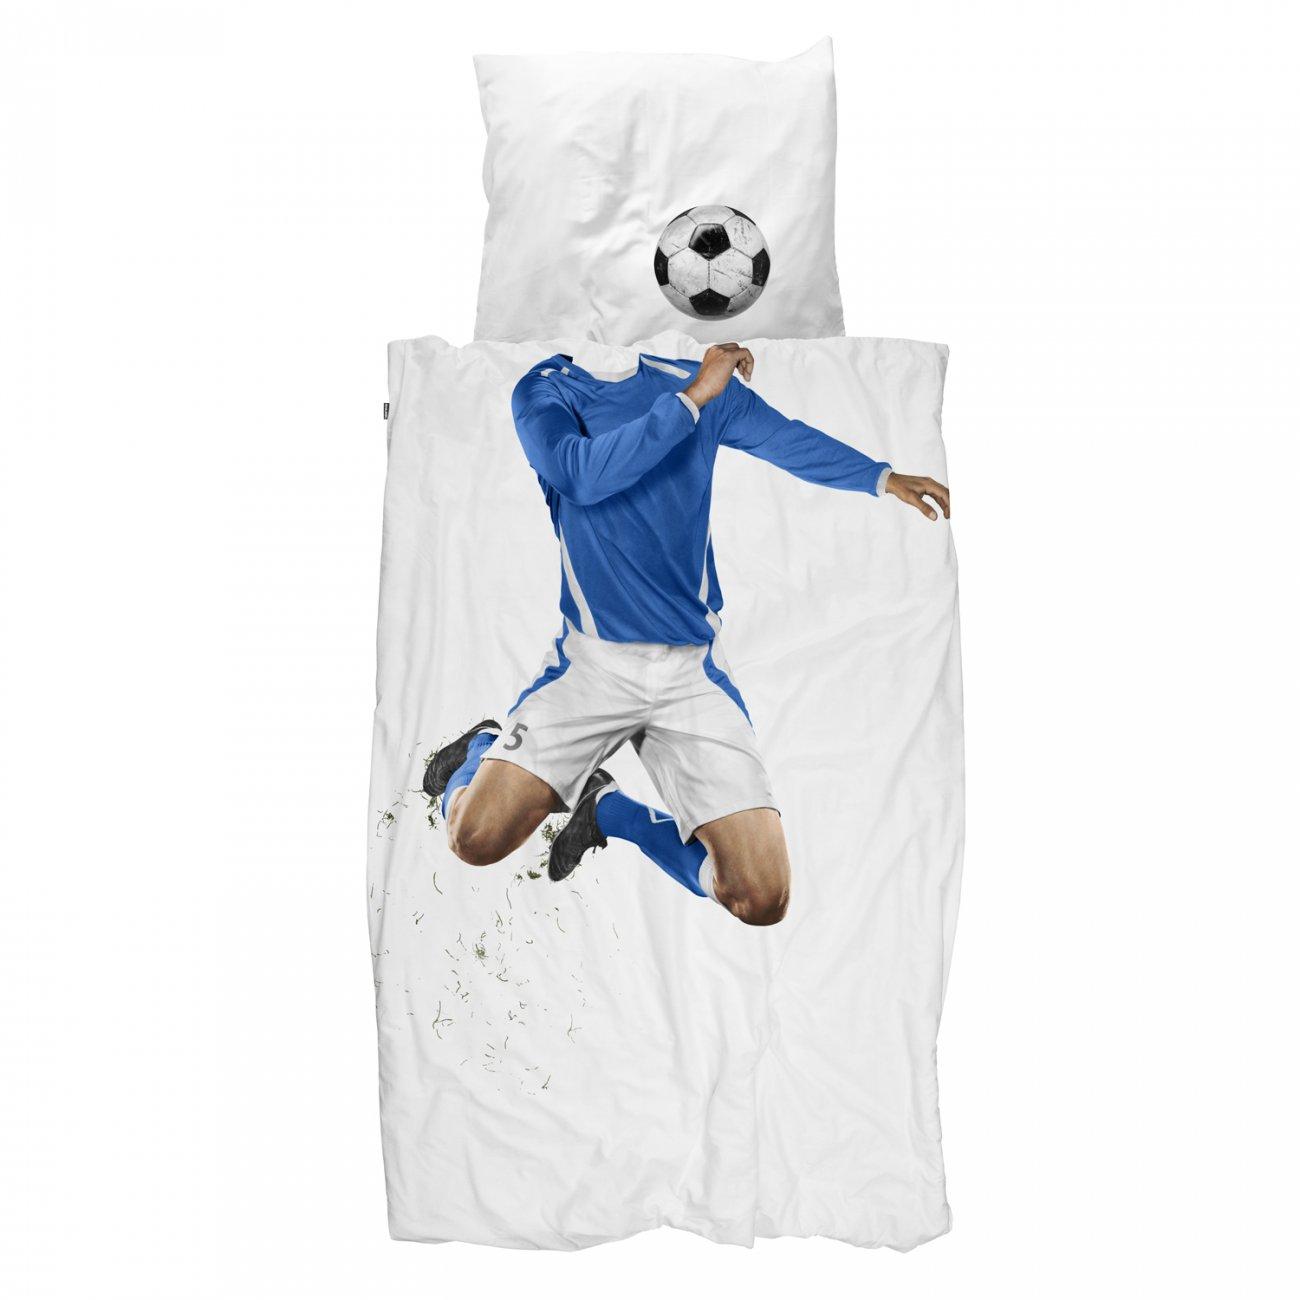 Snurk dekbedovertrek Soccer Champ Blue - 140x220